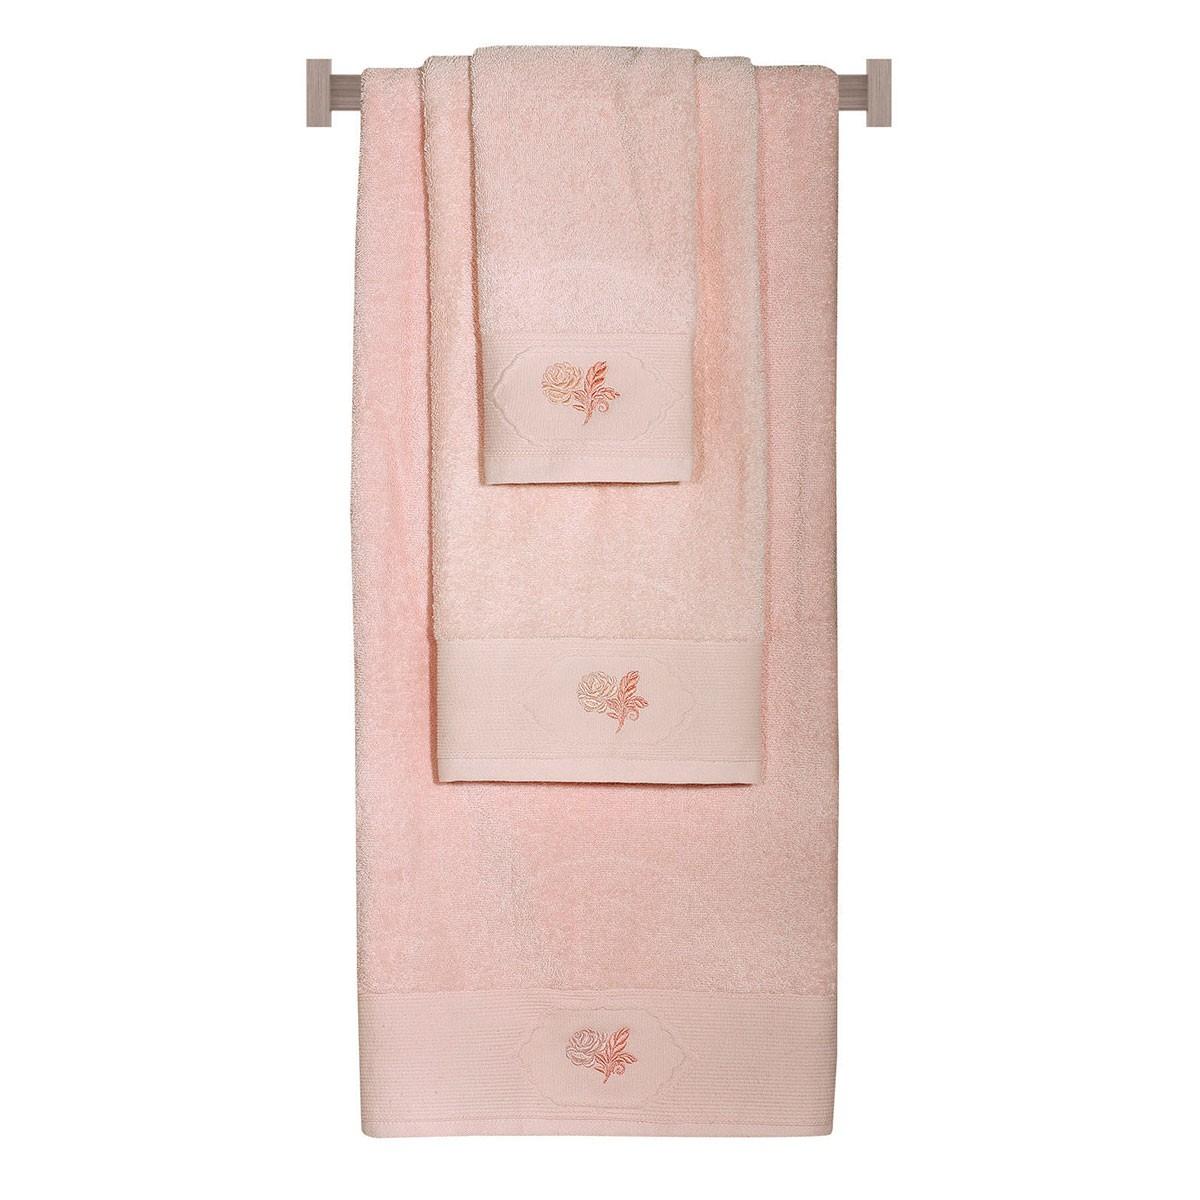 Πετσέτες Μπάνιου (Σετ) Das Home Happy 299